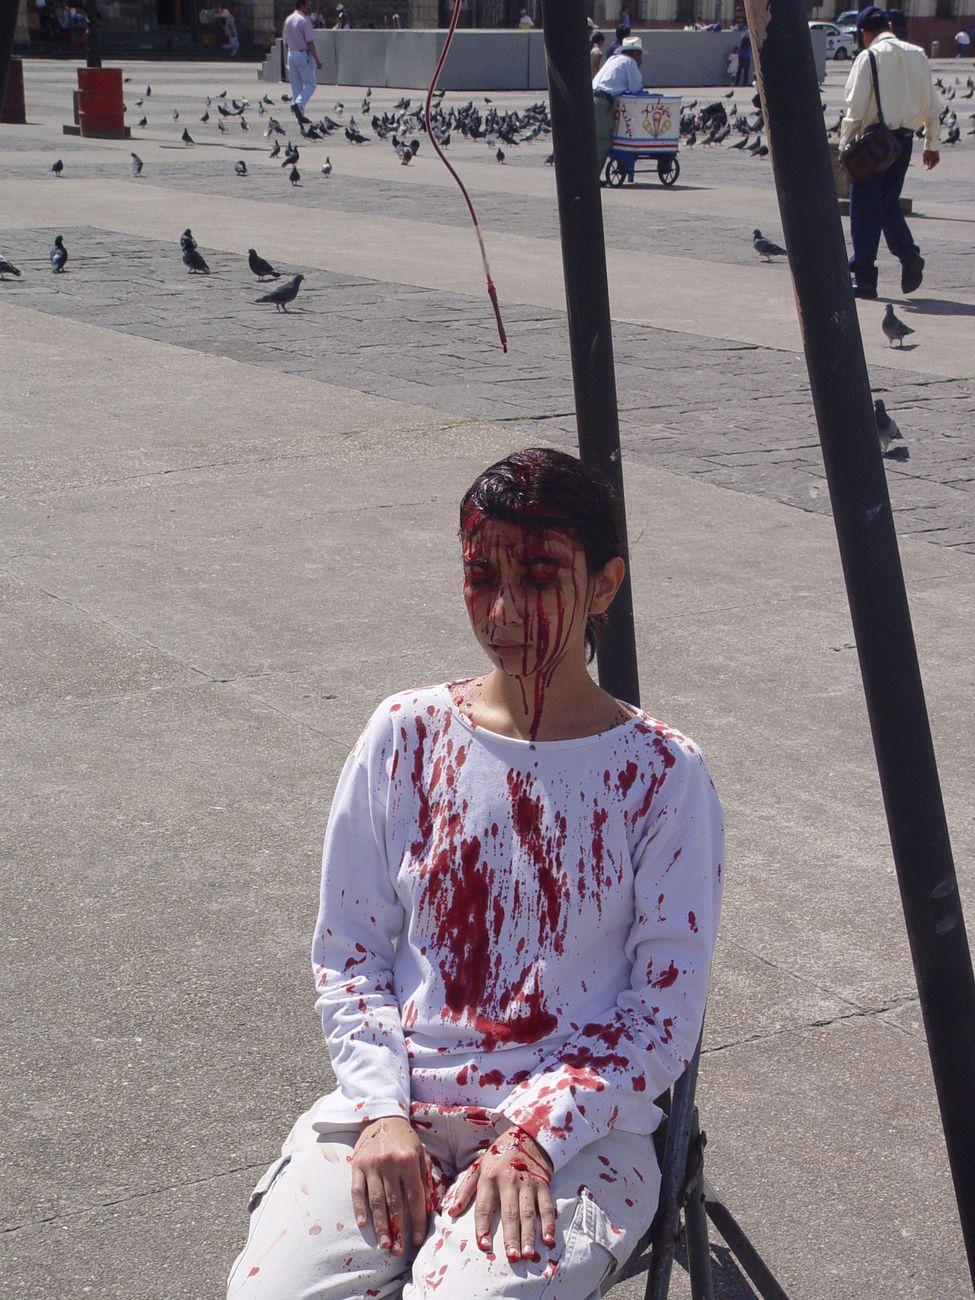 Regina José Galindo, El peso de la sangre, 2004, Plaza Central, Città del Guatemala, lambda print on forex, 75x100 cm. Photo credit Belia de Vico. Courtesy dell'artista e PrometeoGallery, Lucca Milano